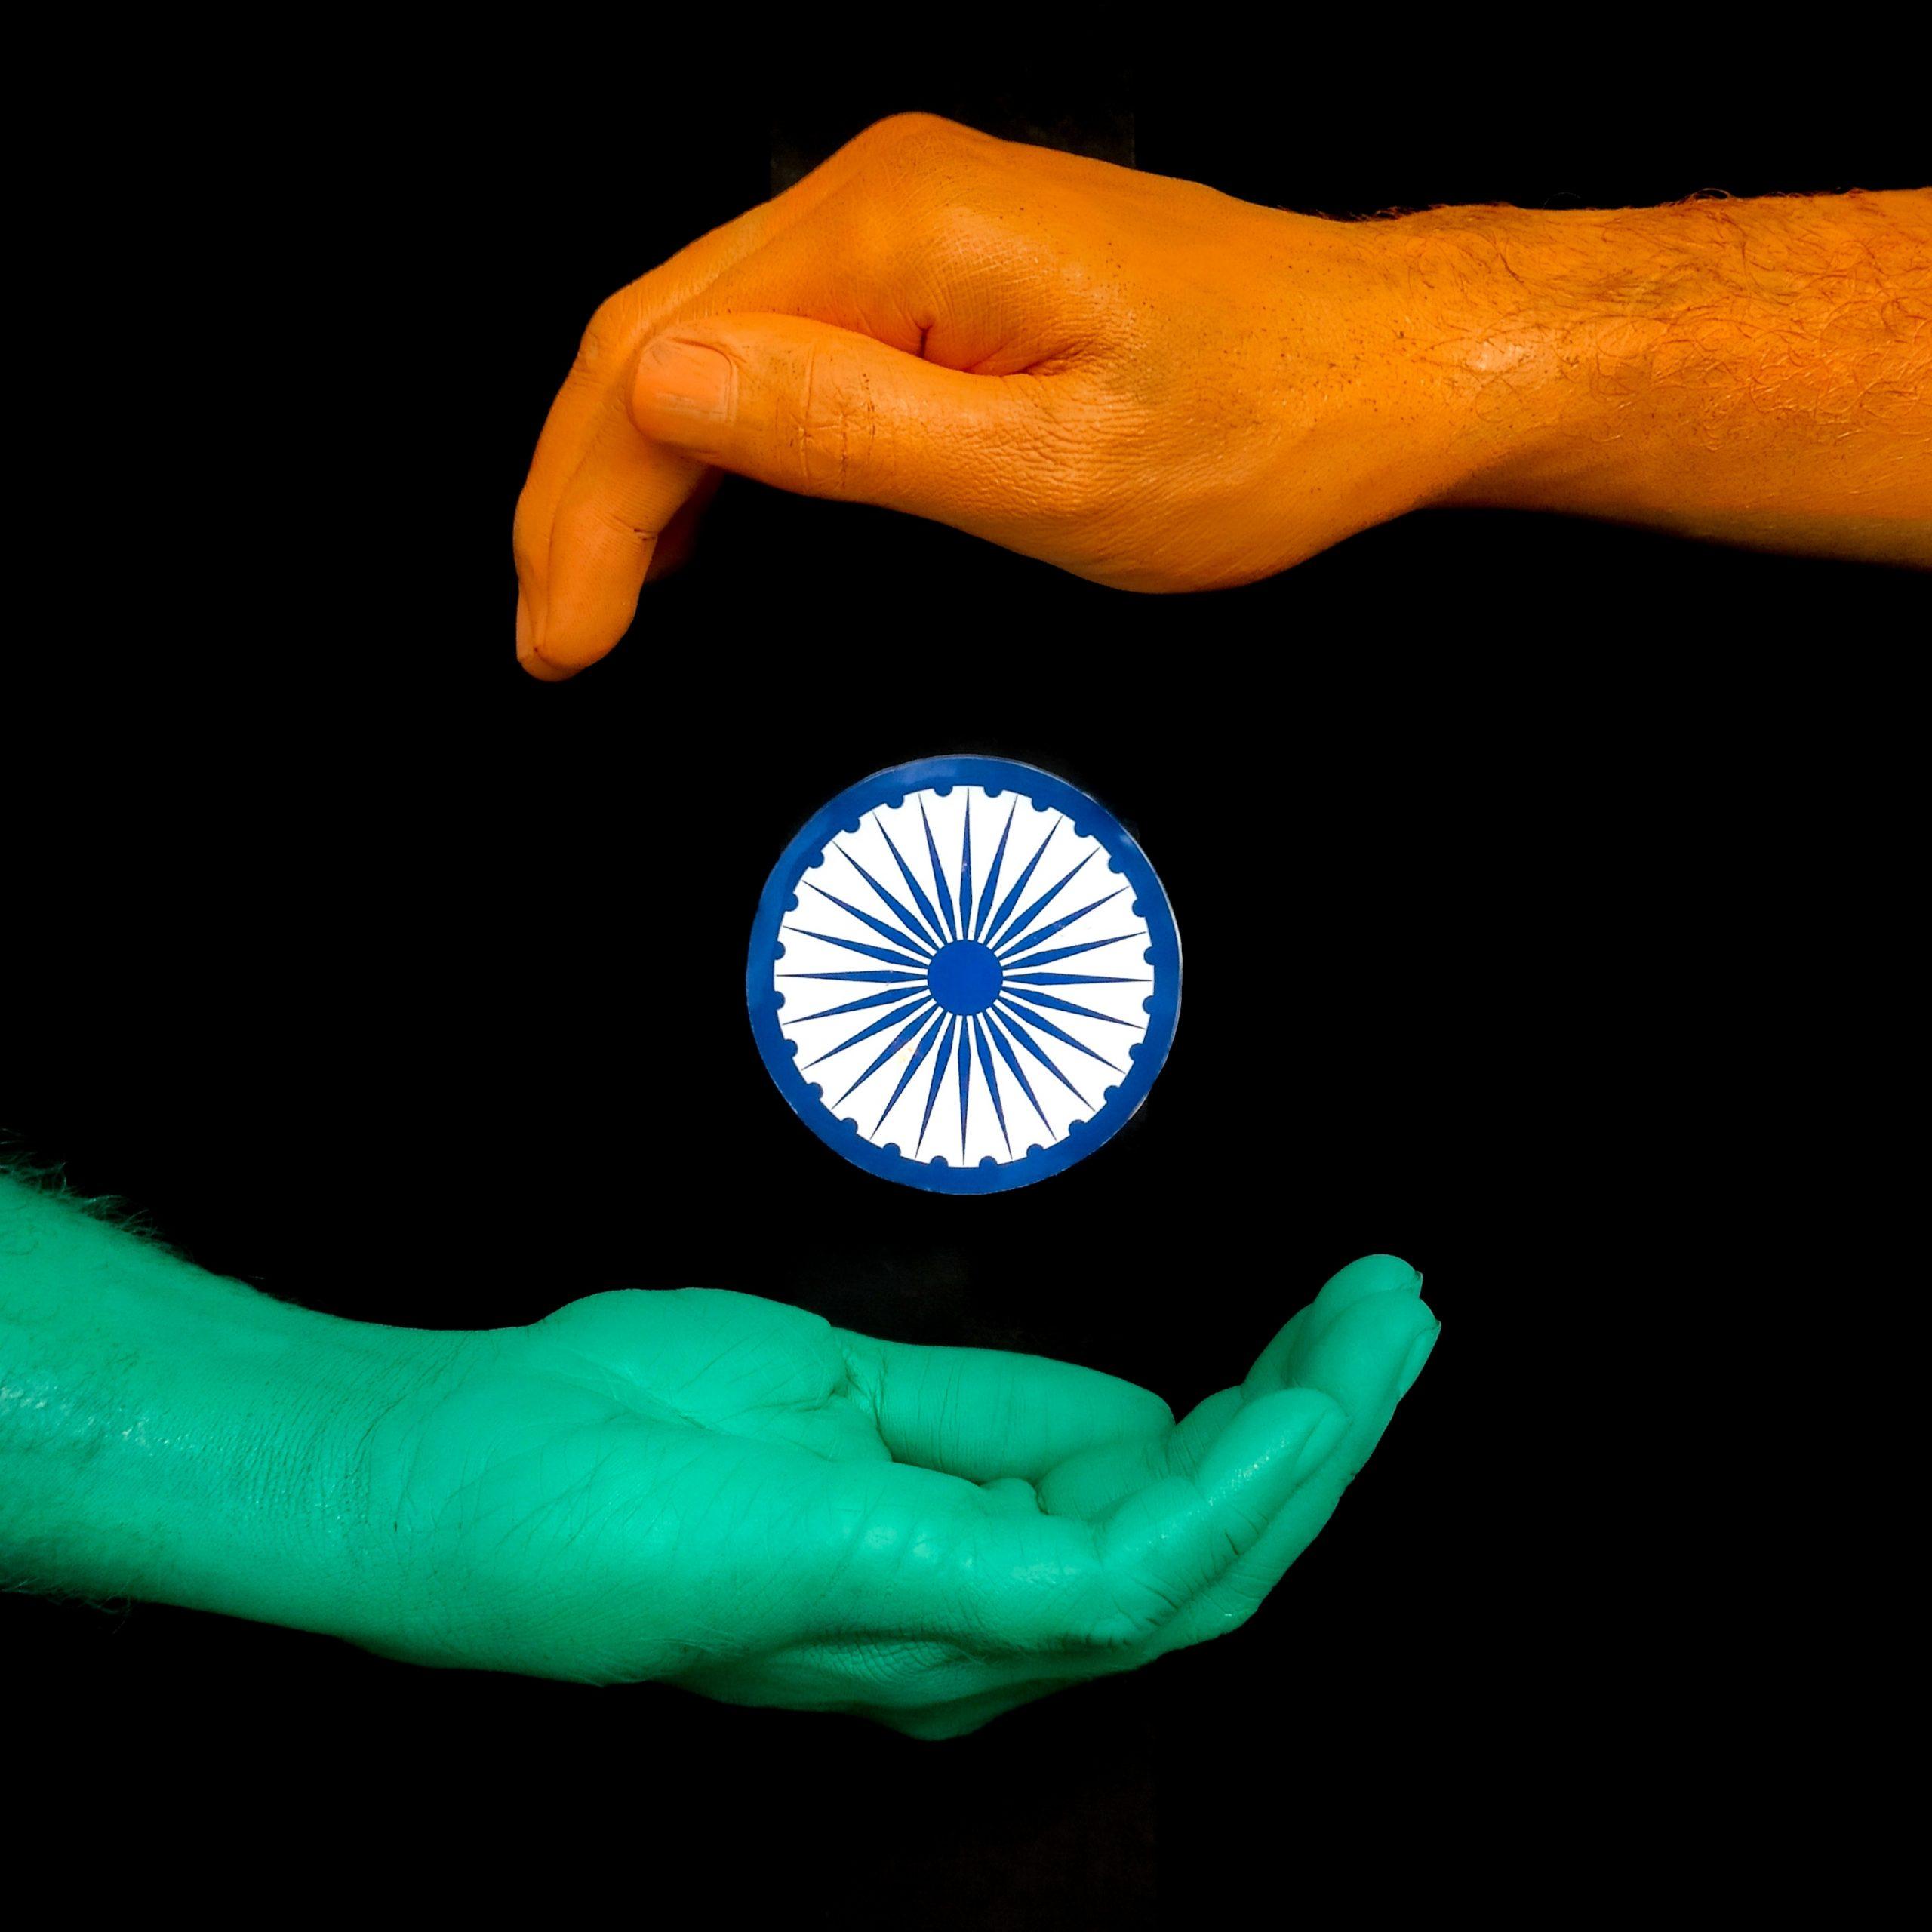 Illustration of Indian national flag